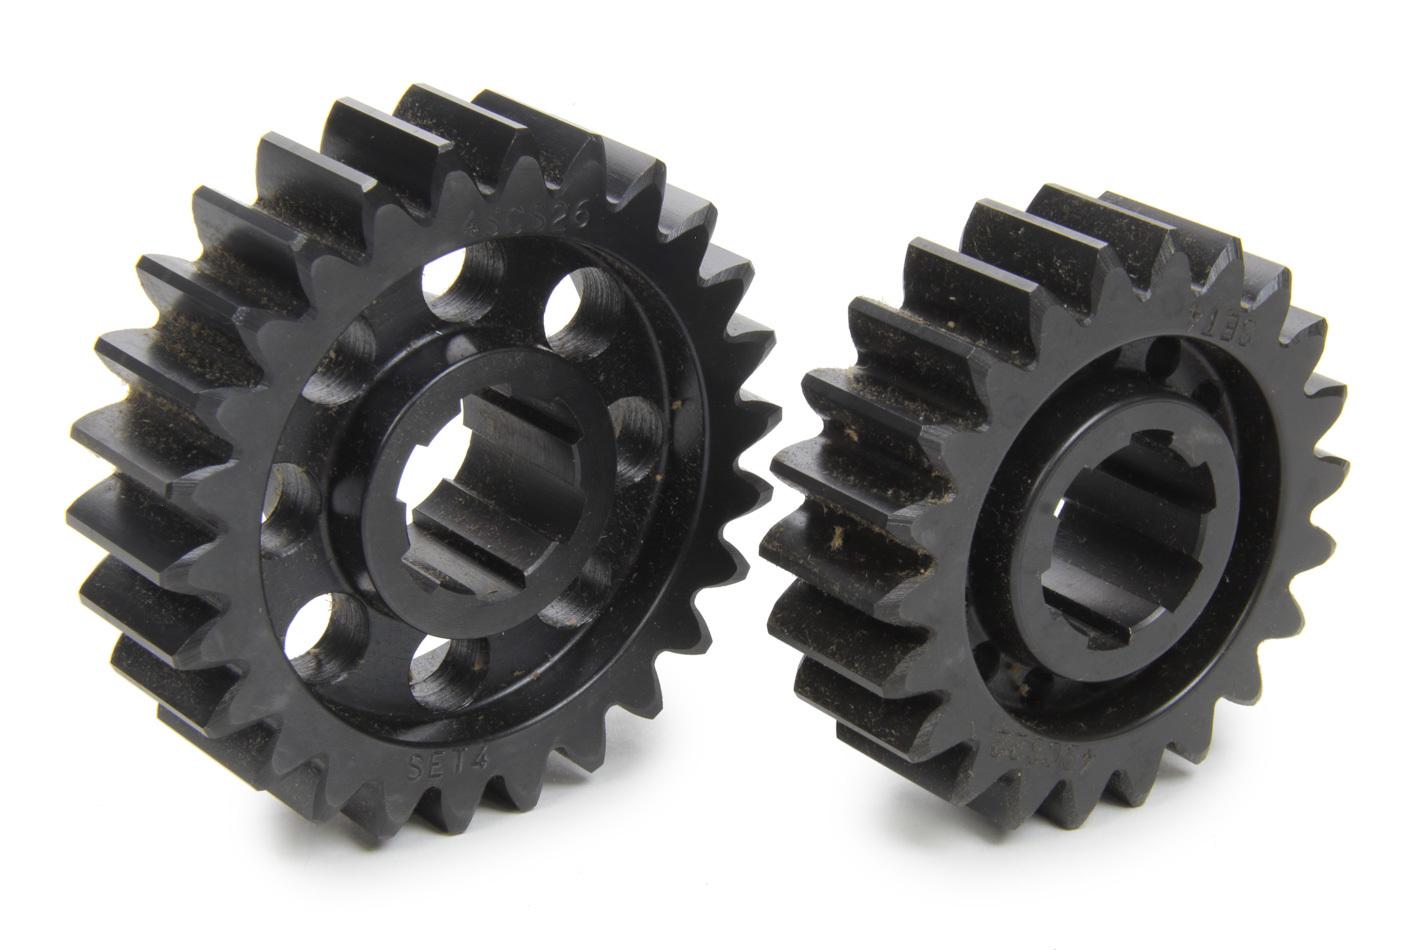 SCS Gears 64 Quick Change Gear Set, Professional, Set 64, 6 Spline, 4.11 Ratio 3.48 / 4.86, 4.33 Ratio 3.66 / 5.12, Steel, Each